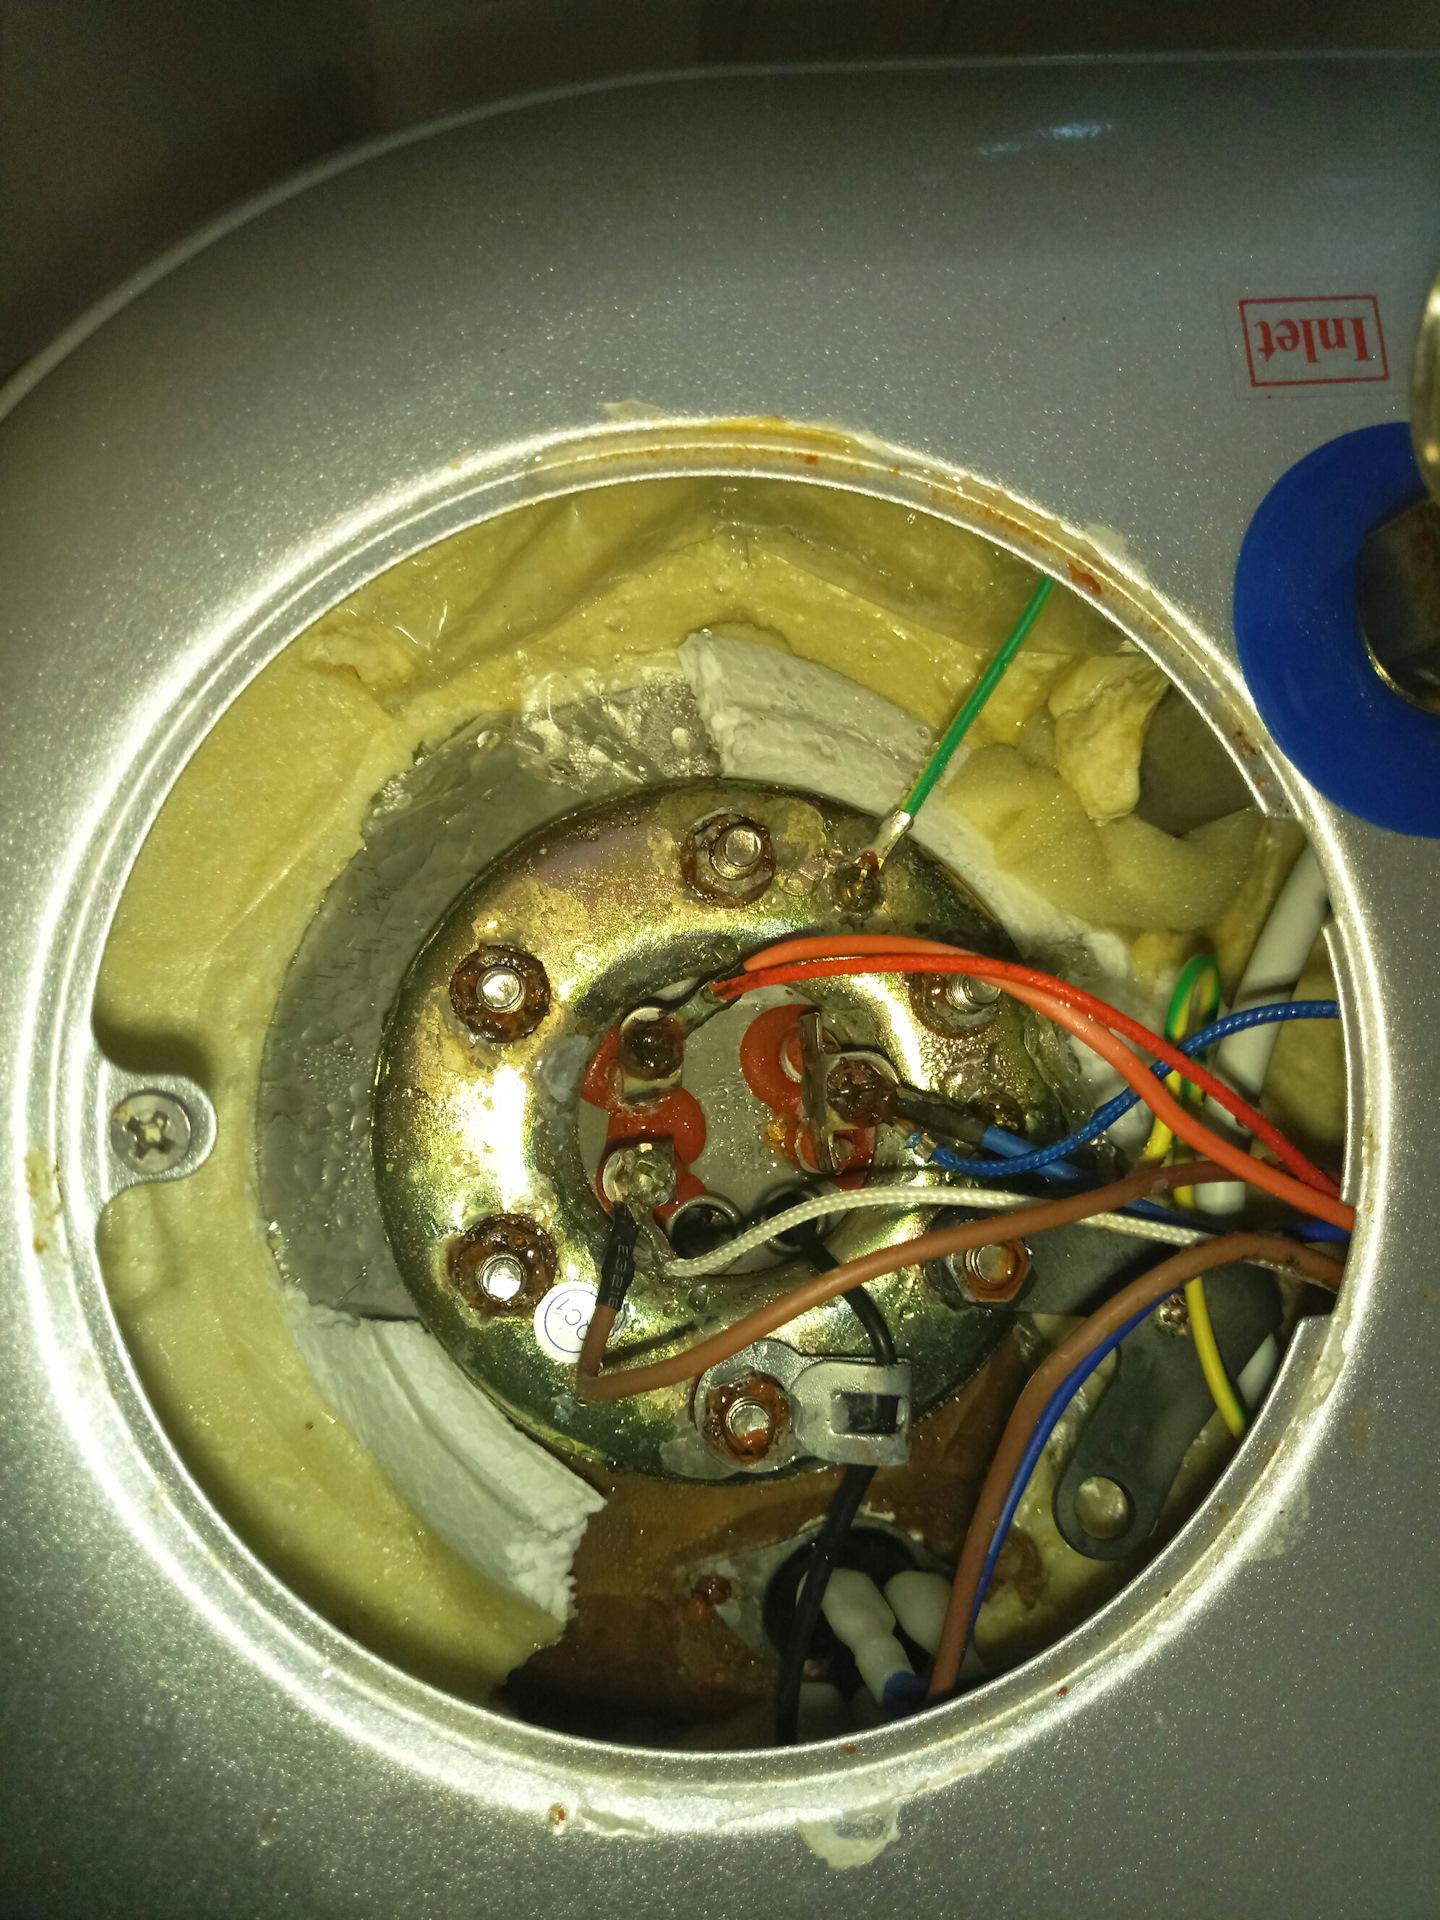 Как поменять тэн на водонагревателе: пошаговая инструкция